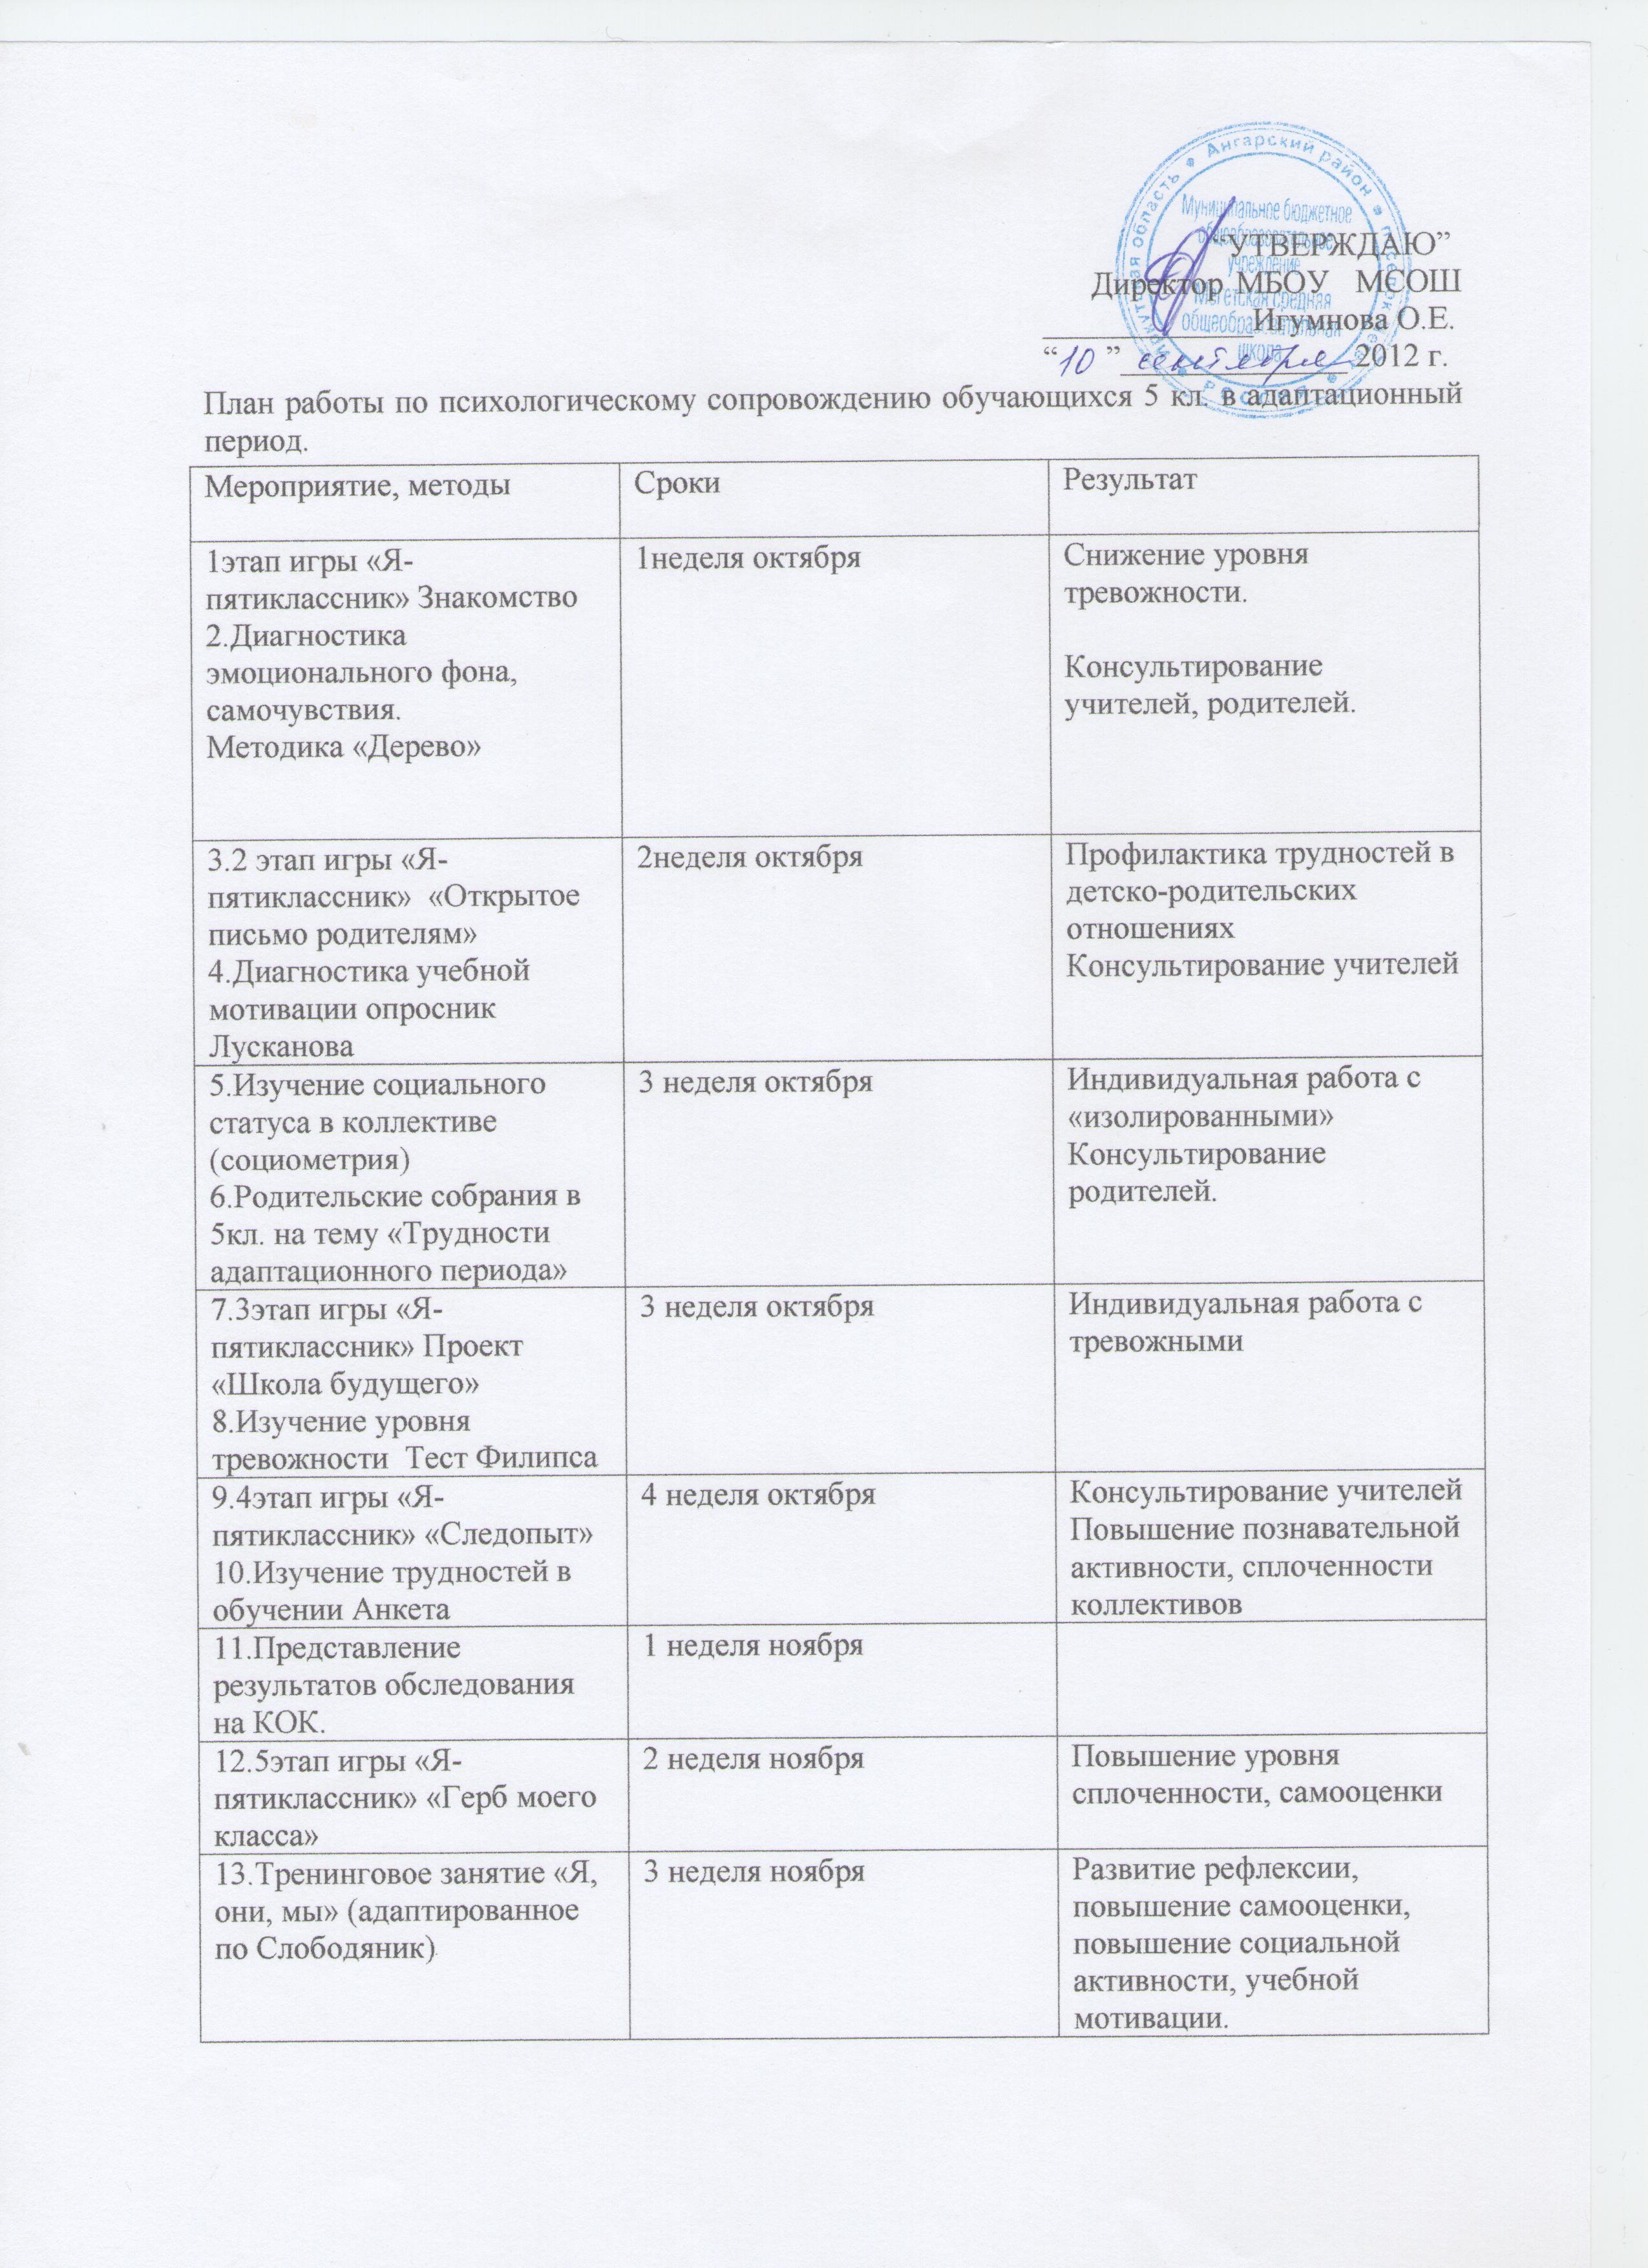 пмпк схема обследования